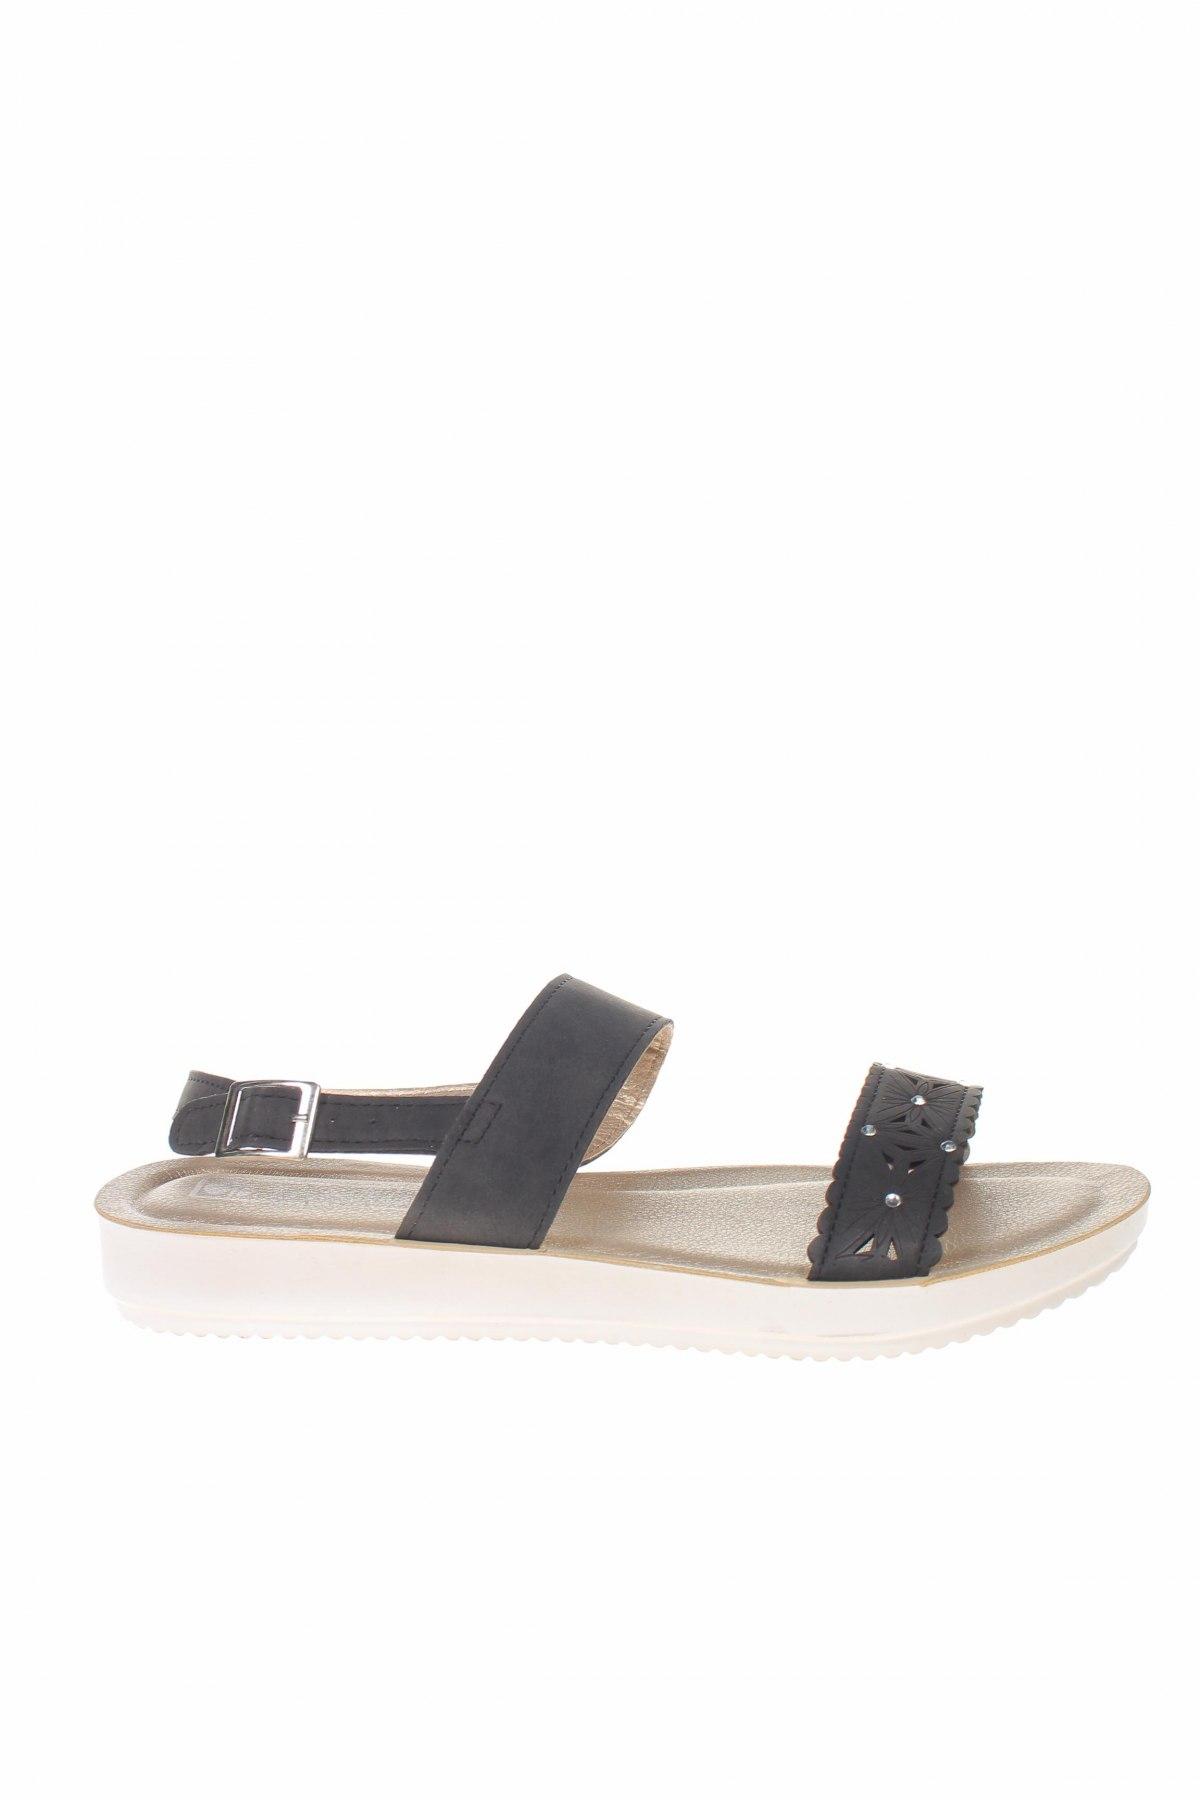 Σανδάλια Inblu, Μέγεθος 39, Χρώμα Μαύρο, Δερματίνη, Τιμή 17,07€